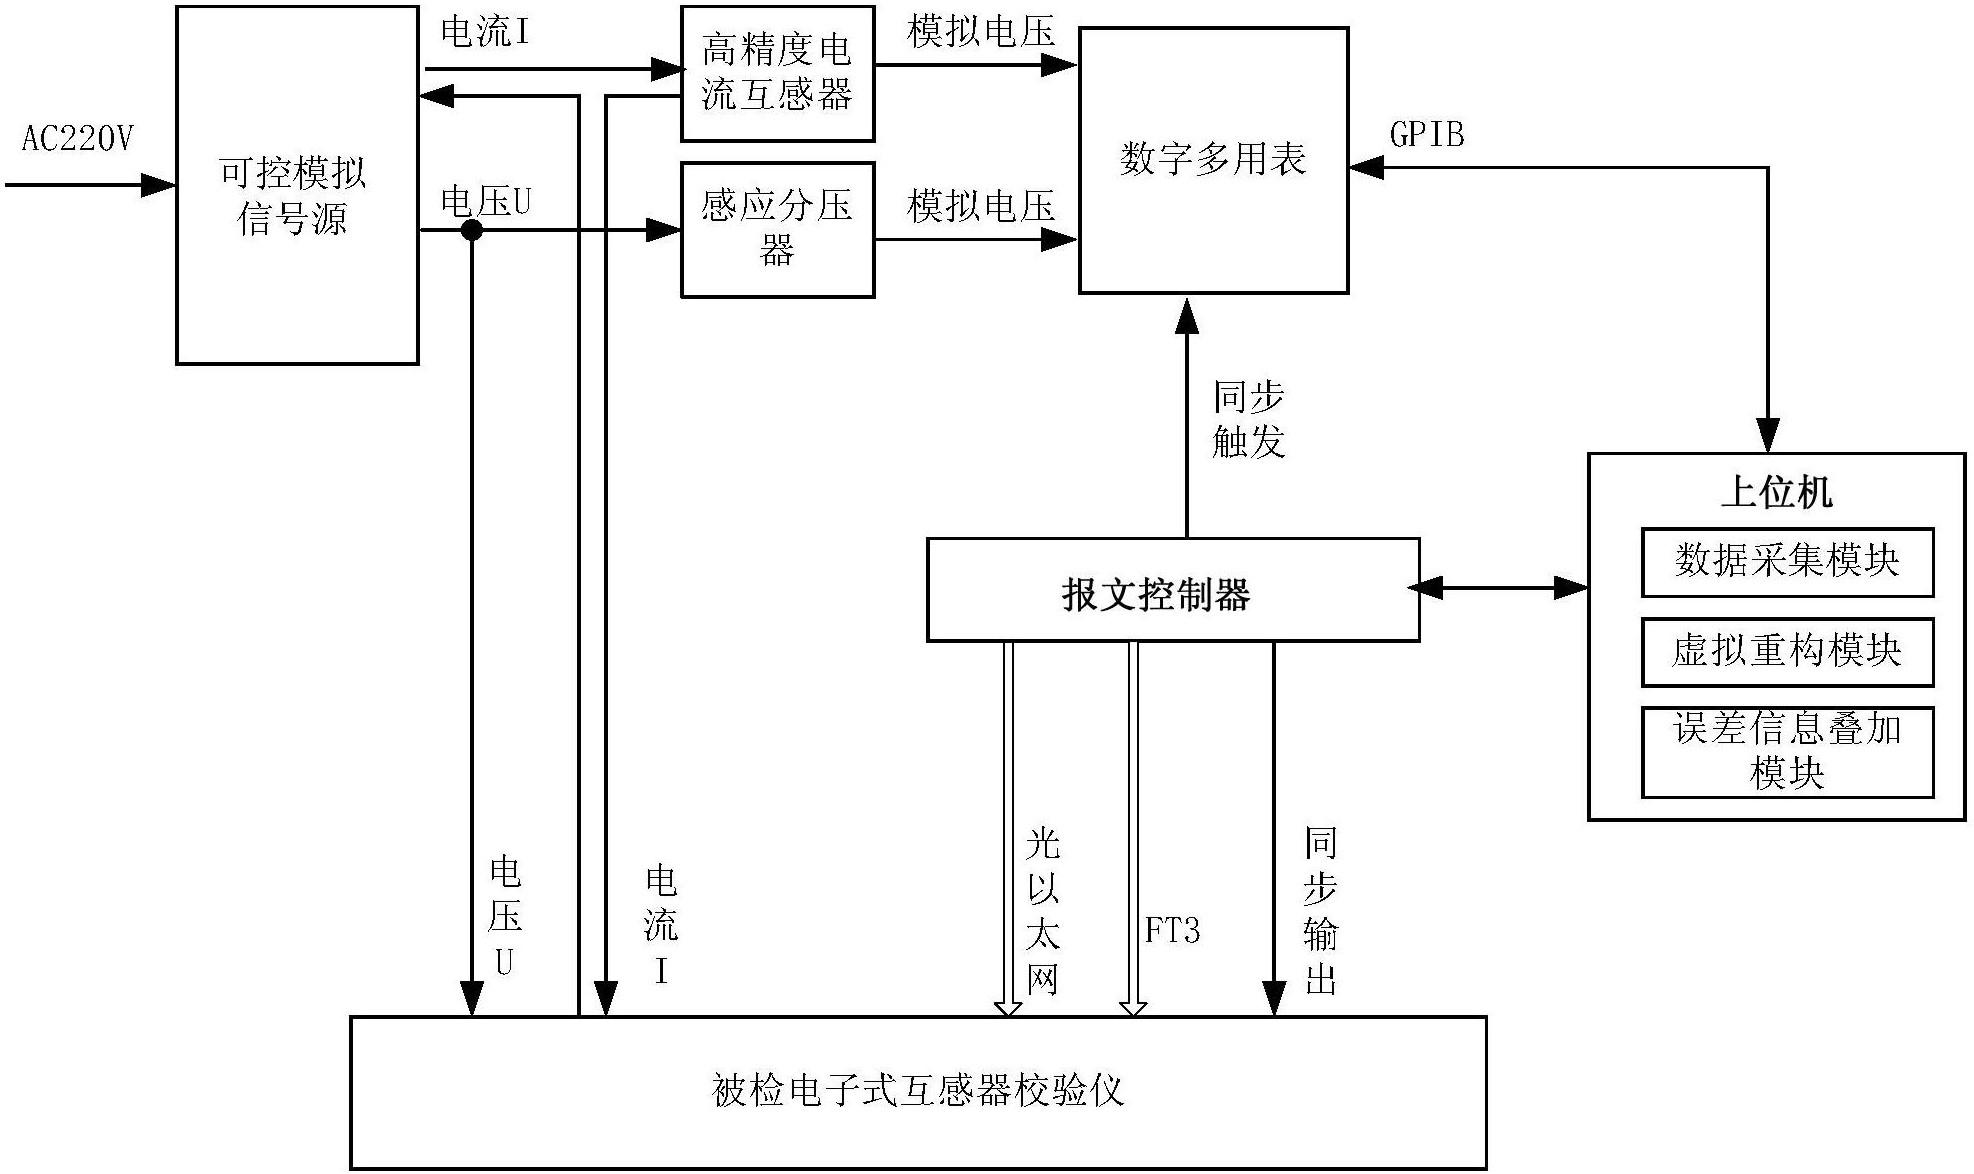 【仪表最新专利】电子式互感器校验仪溯源方法及系统